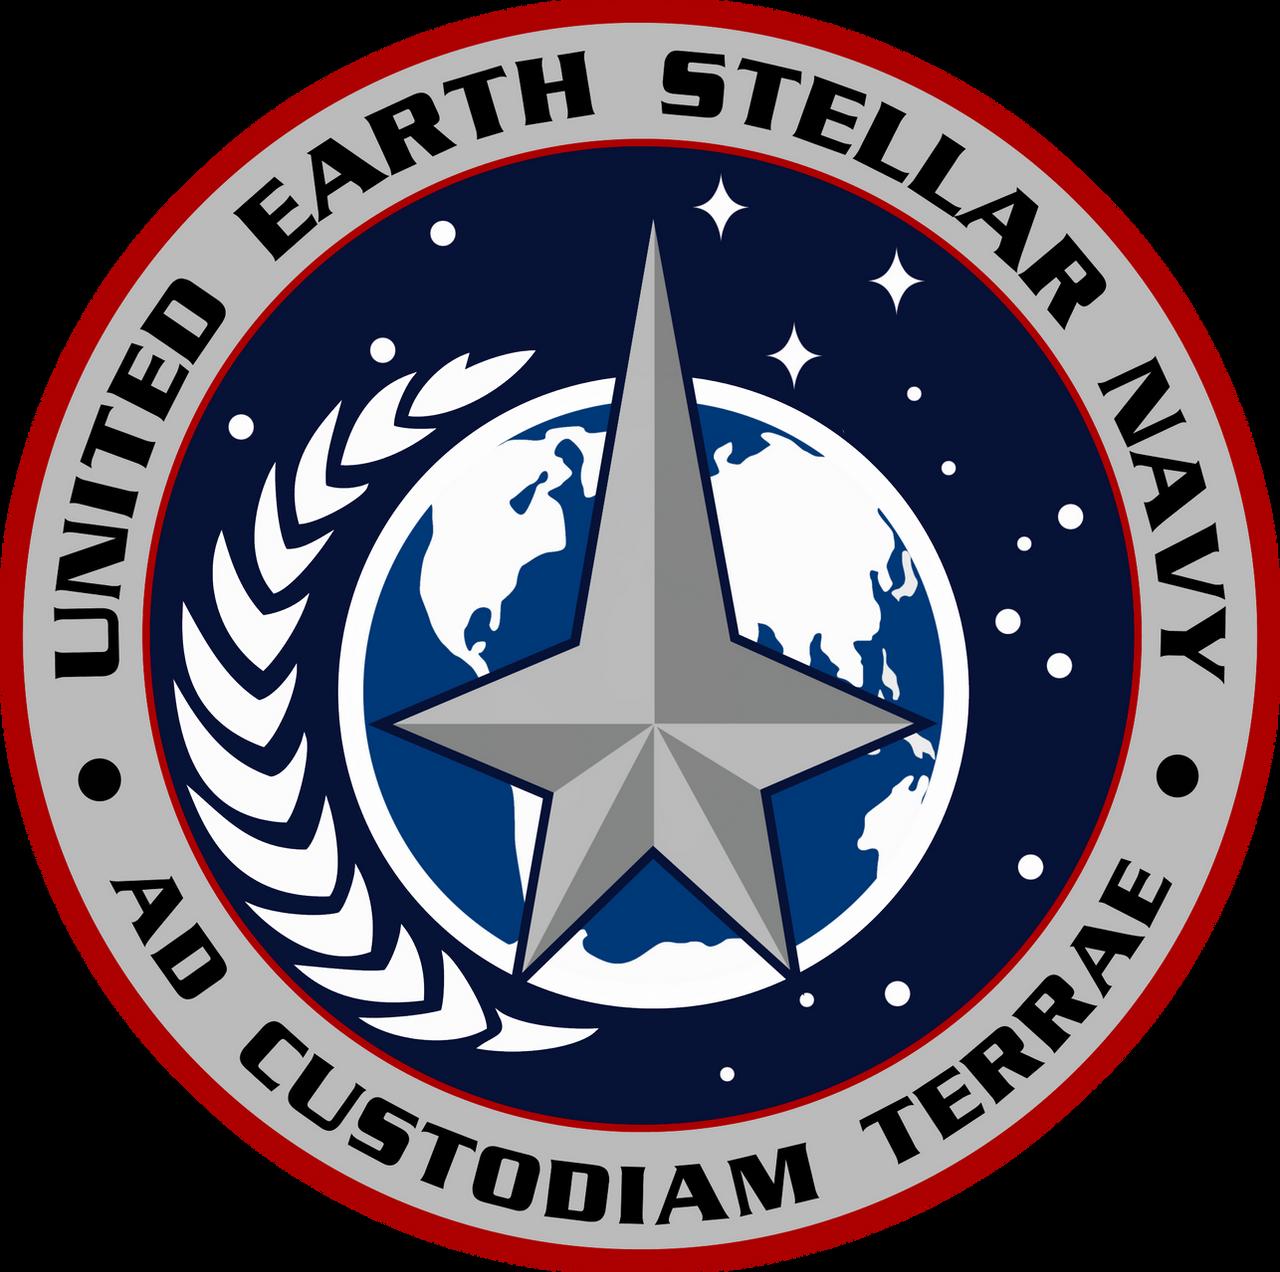 navy logos and emblems wwwpixsharkcom images